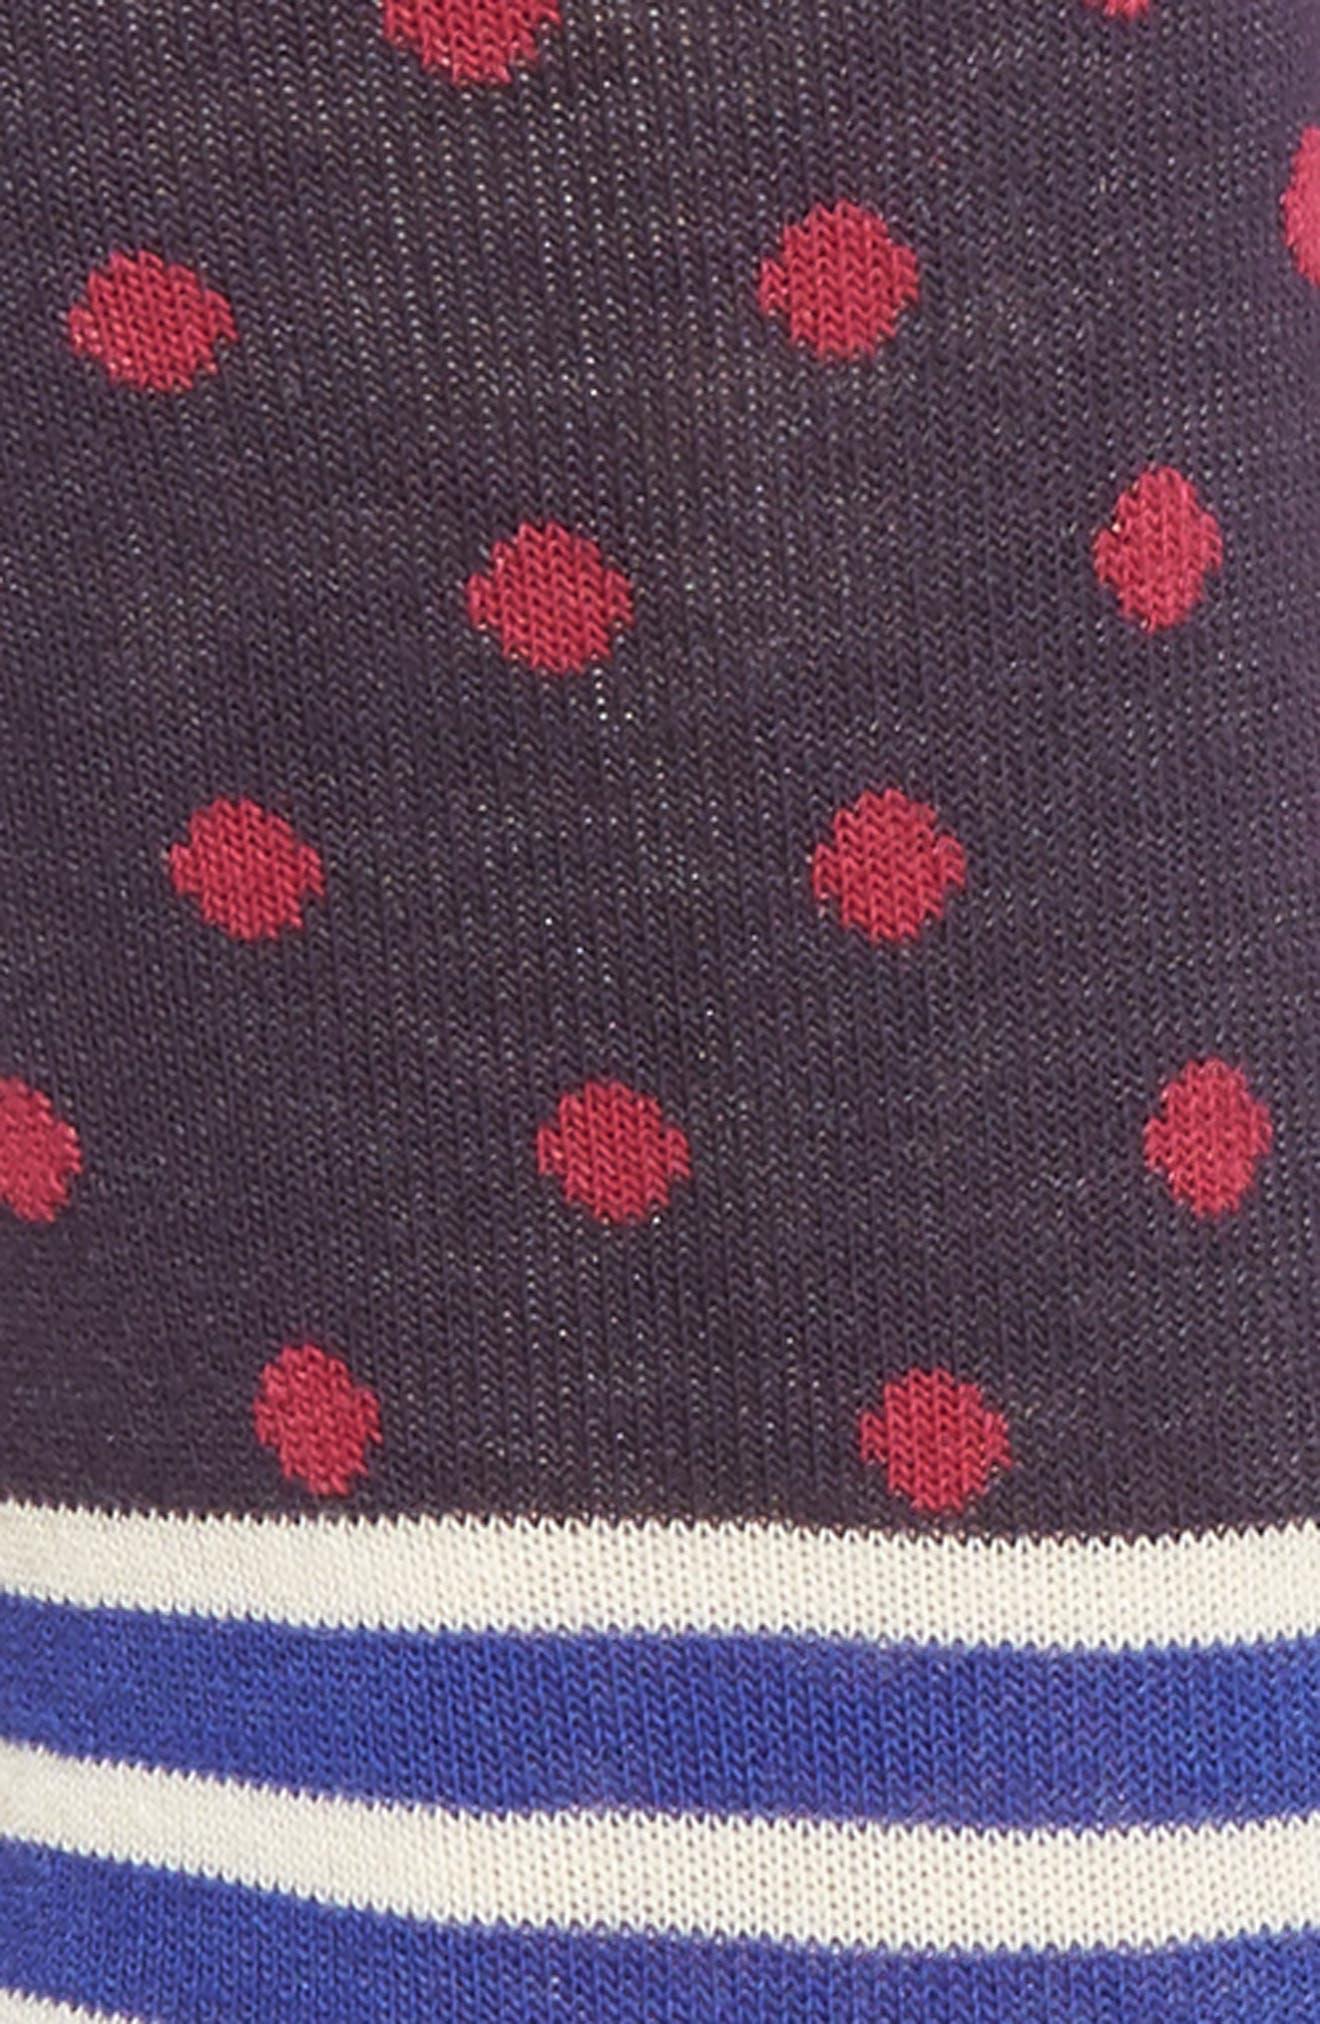 Stripes & Dots Crew Socks,                             Alternate thumbnail 6, color,